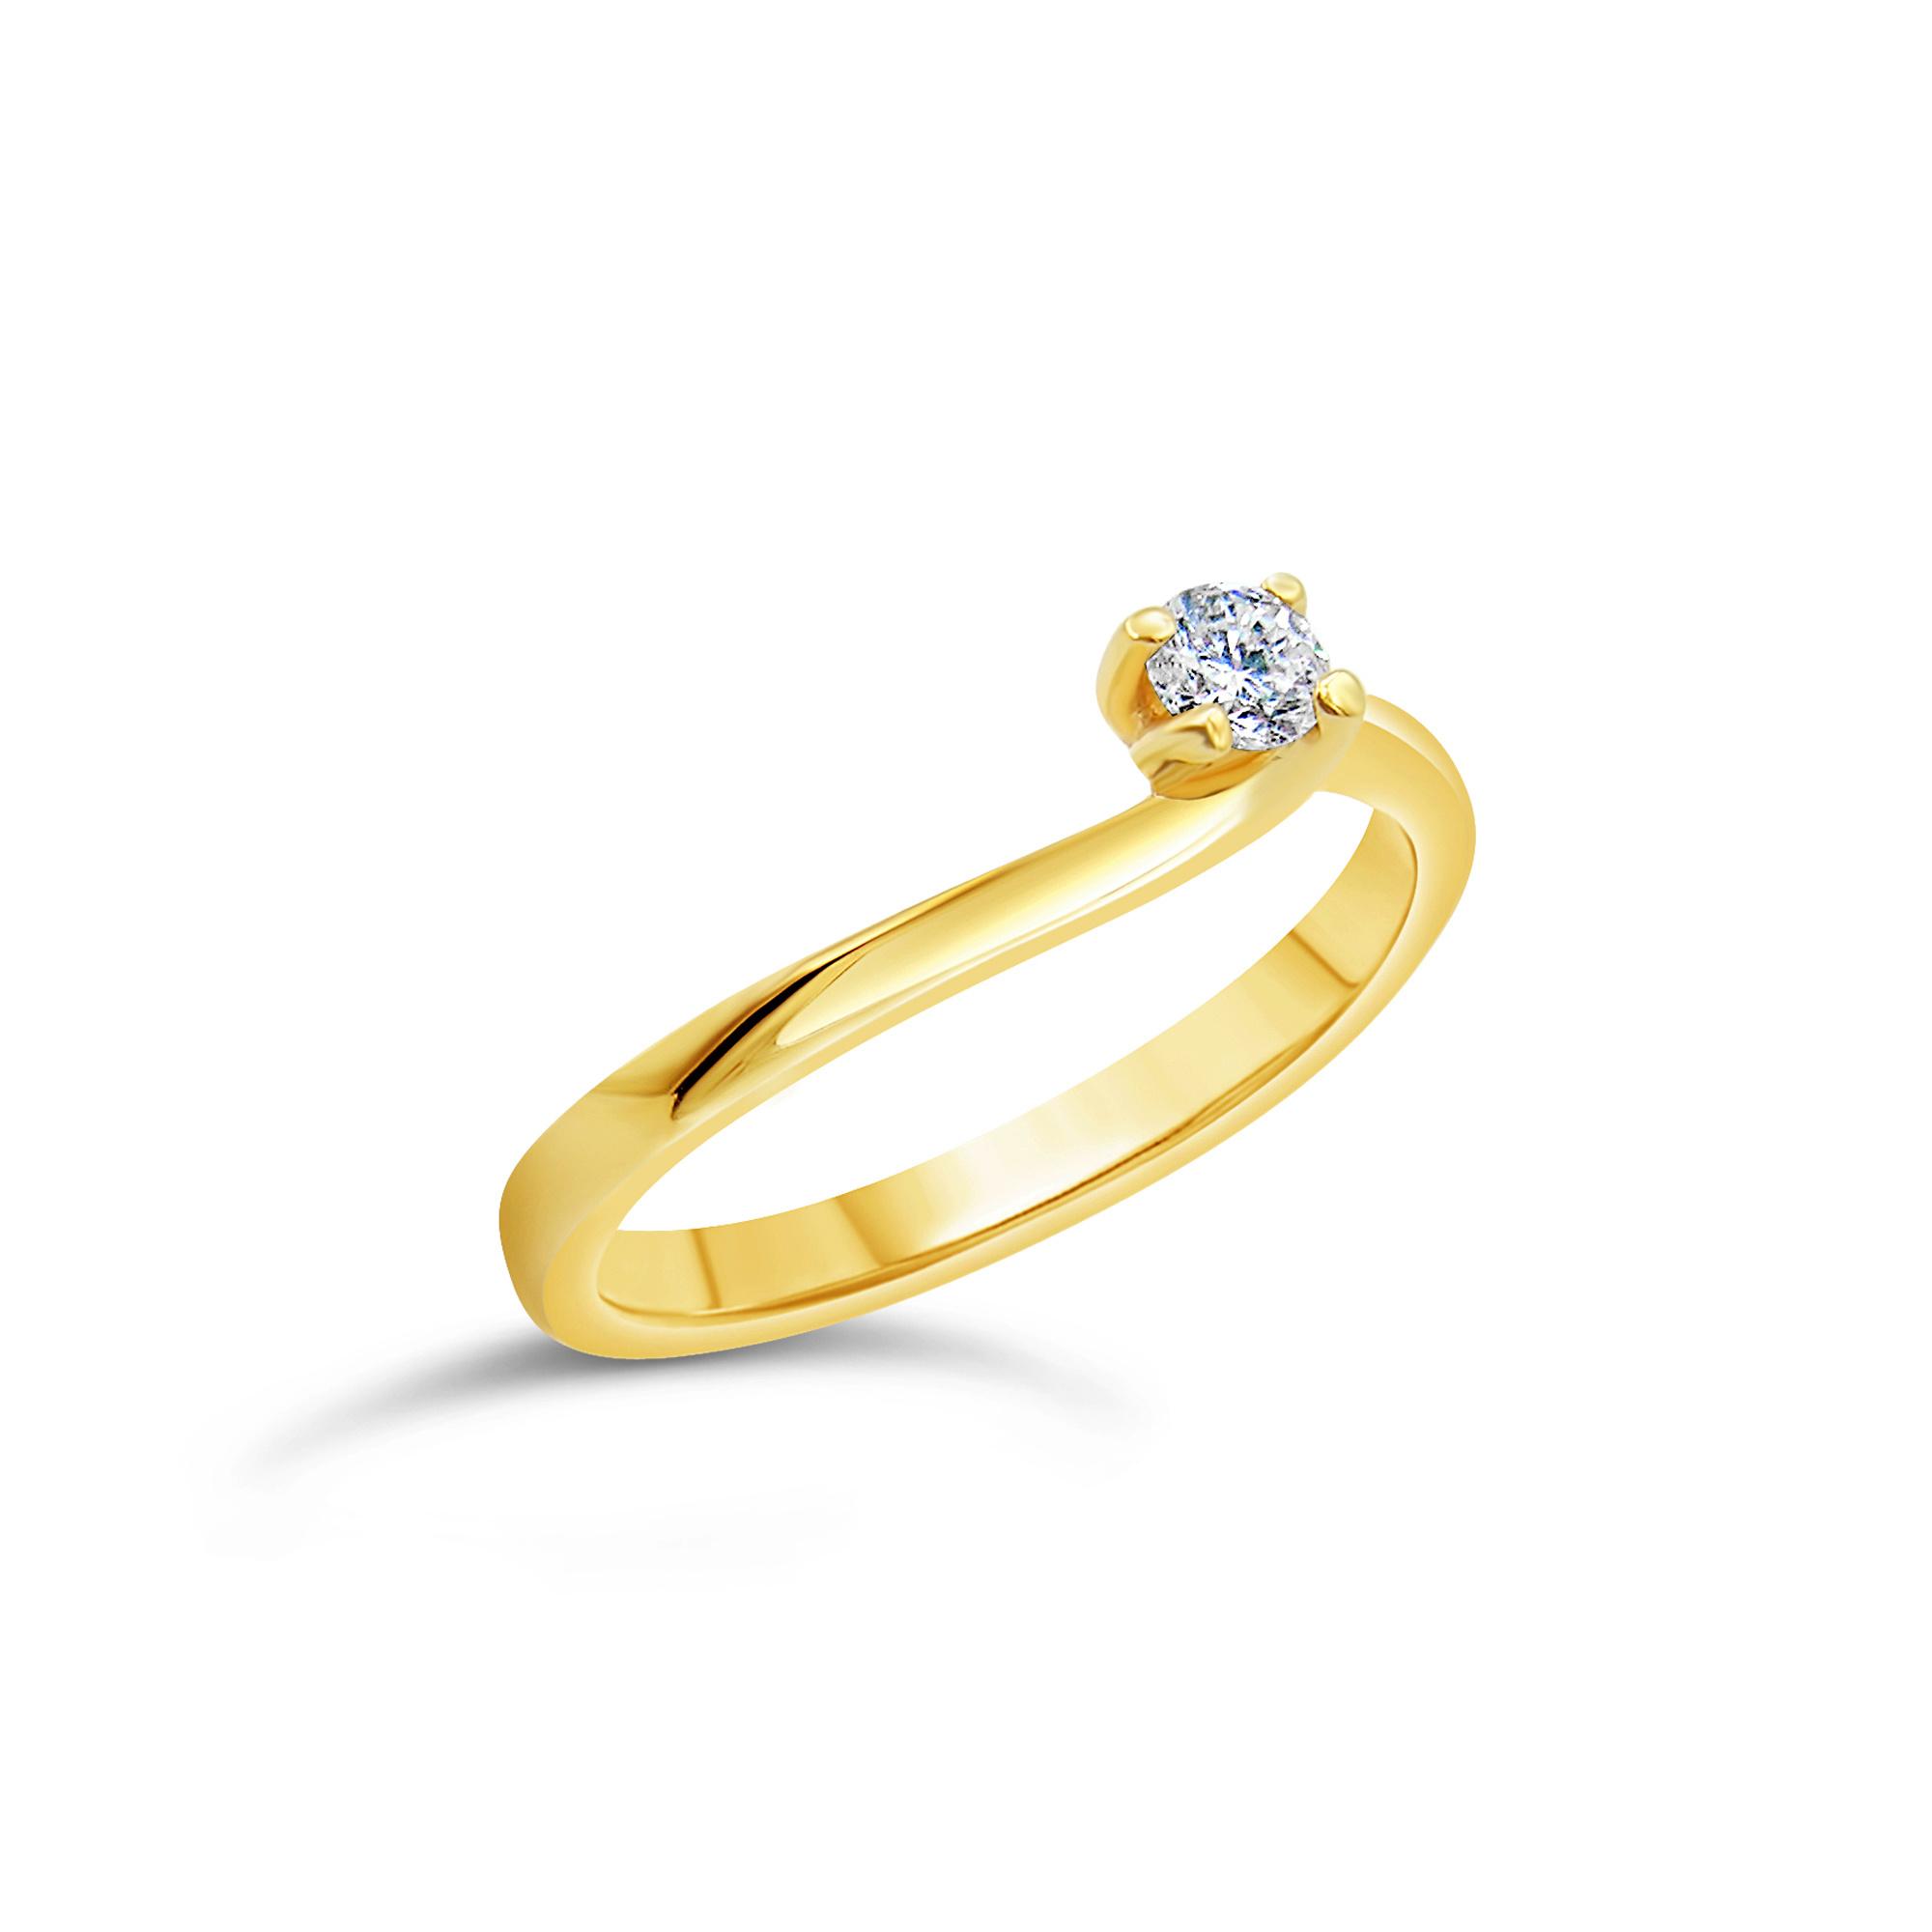 18kt geel goud verlovingsring met 0.18 ct diamant